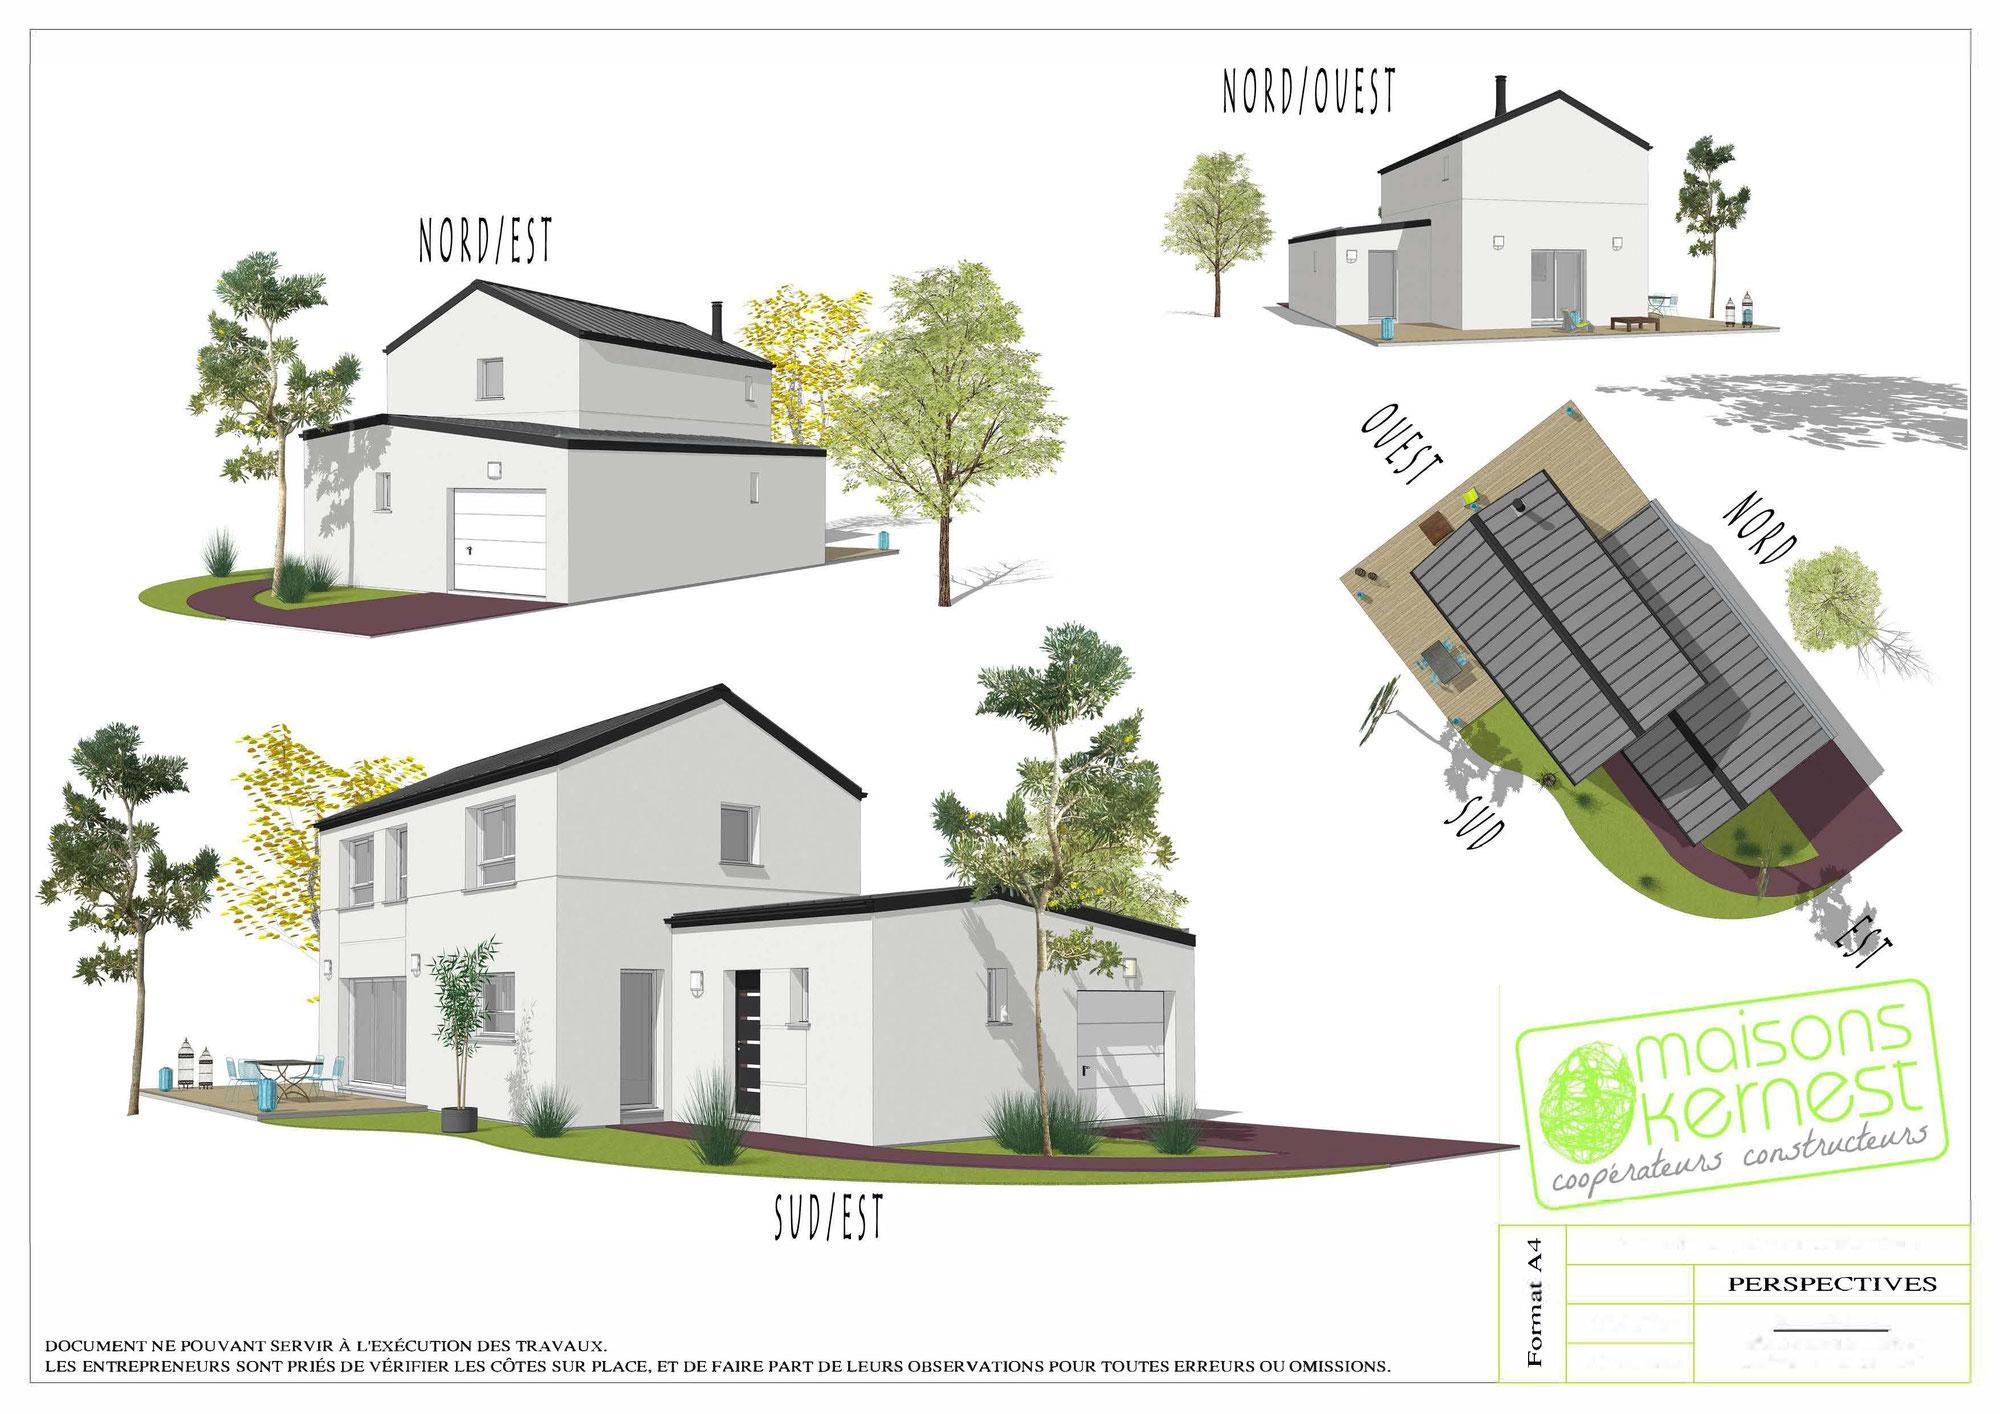 La perspective immobilier pour améliorer l'achat et la vente d'une maison neuve